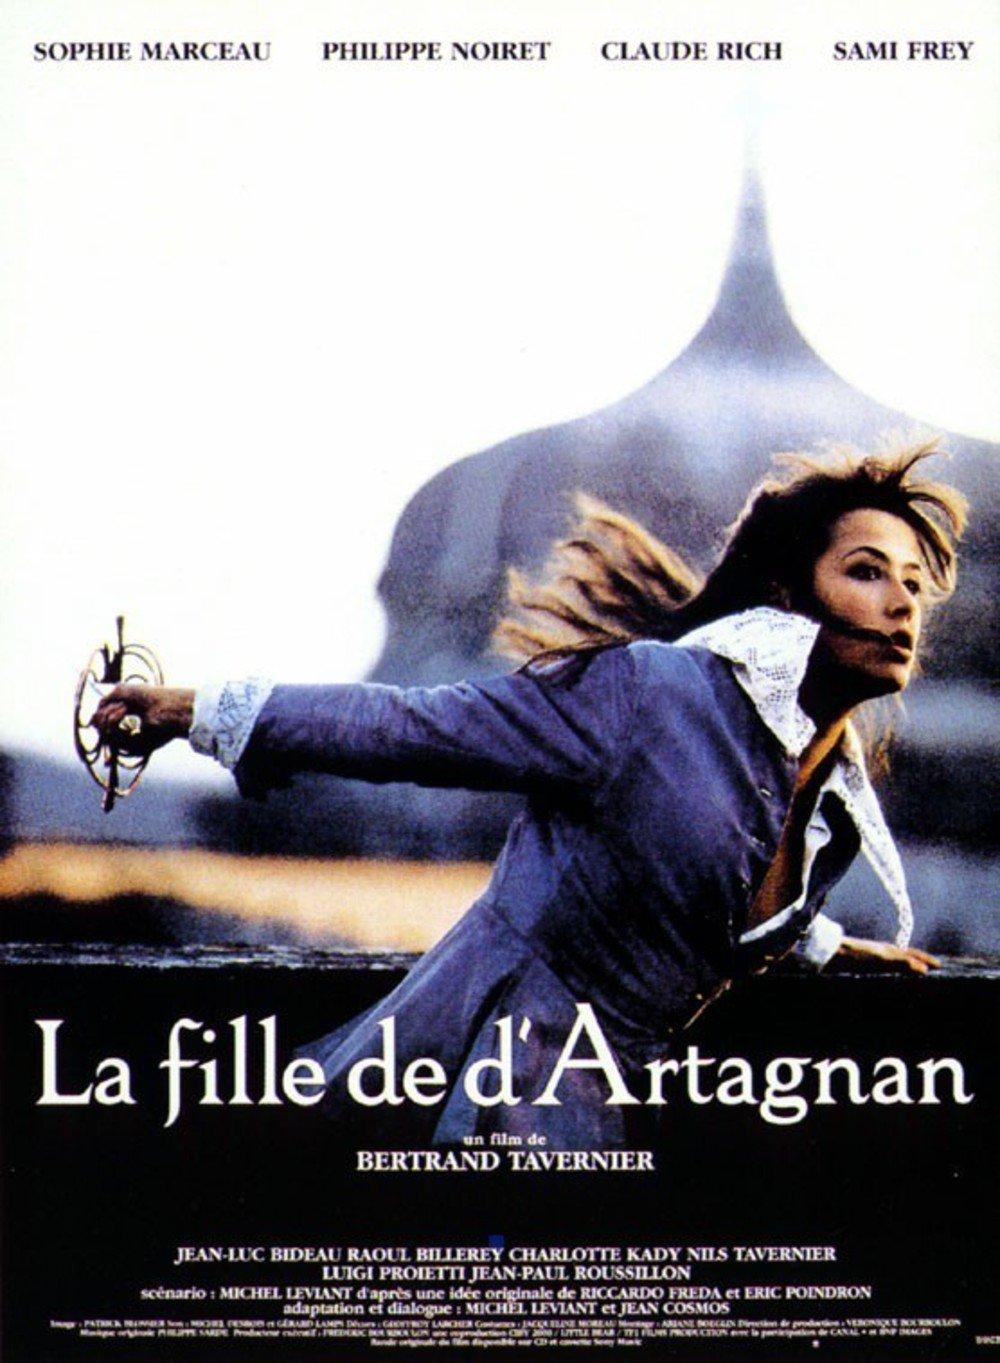 დარტანიანის ქალიშვილი / La Fille de d'Artagnan